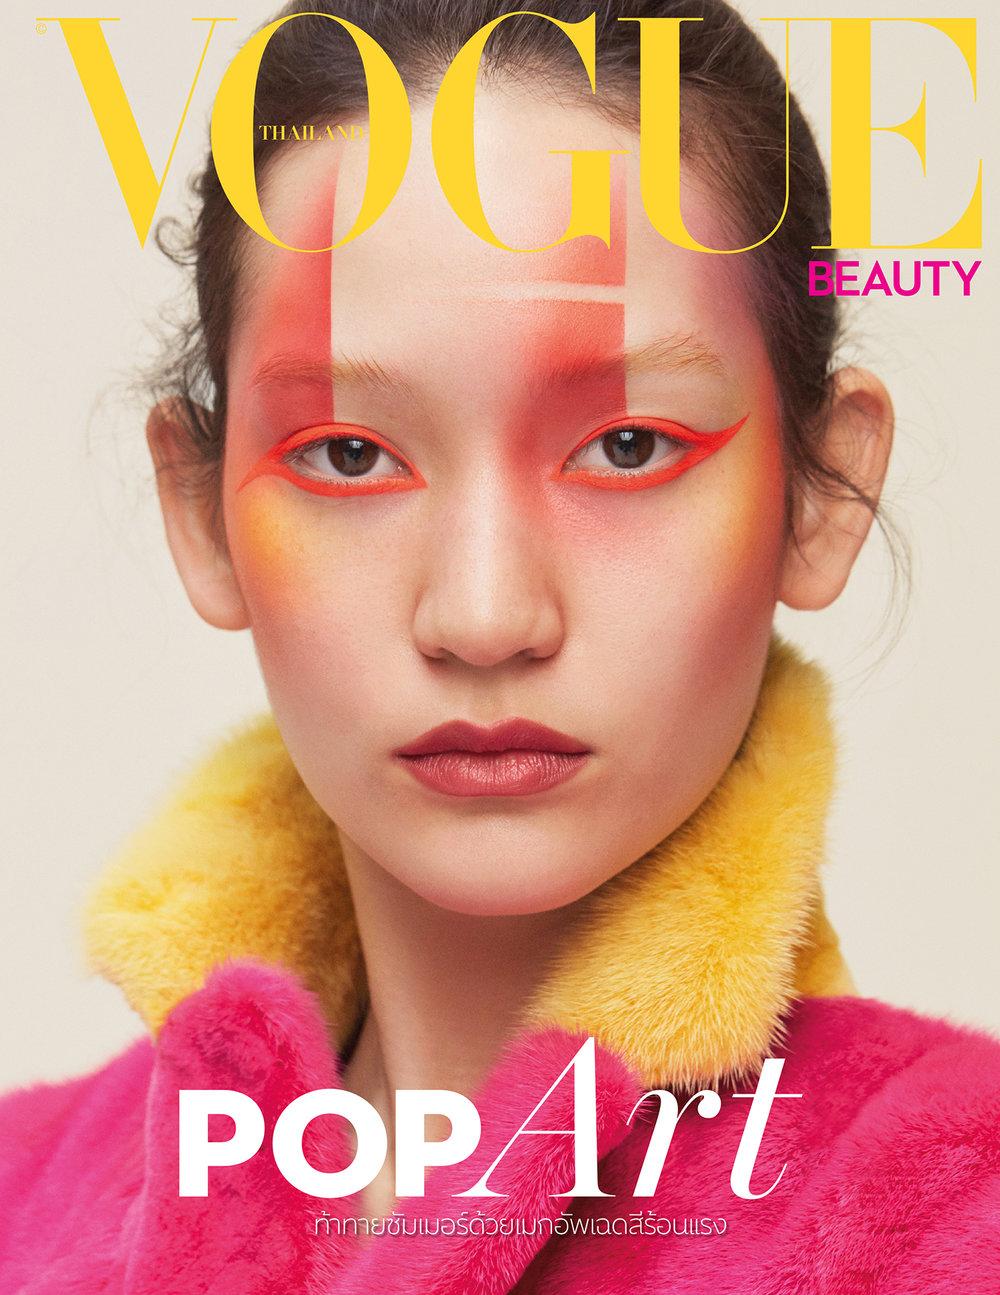 beauty_cover1.jpg